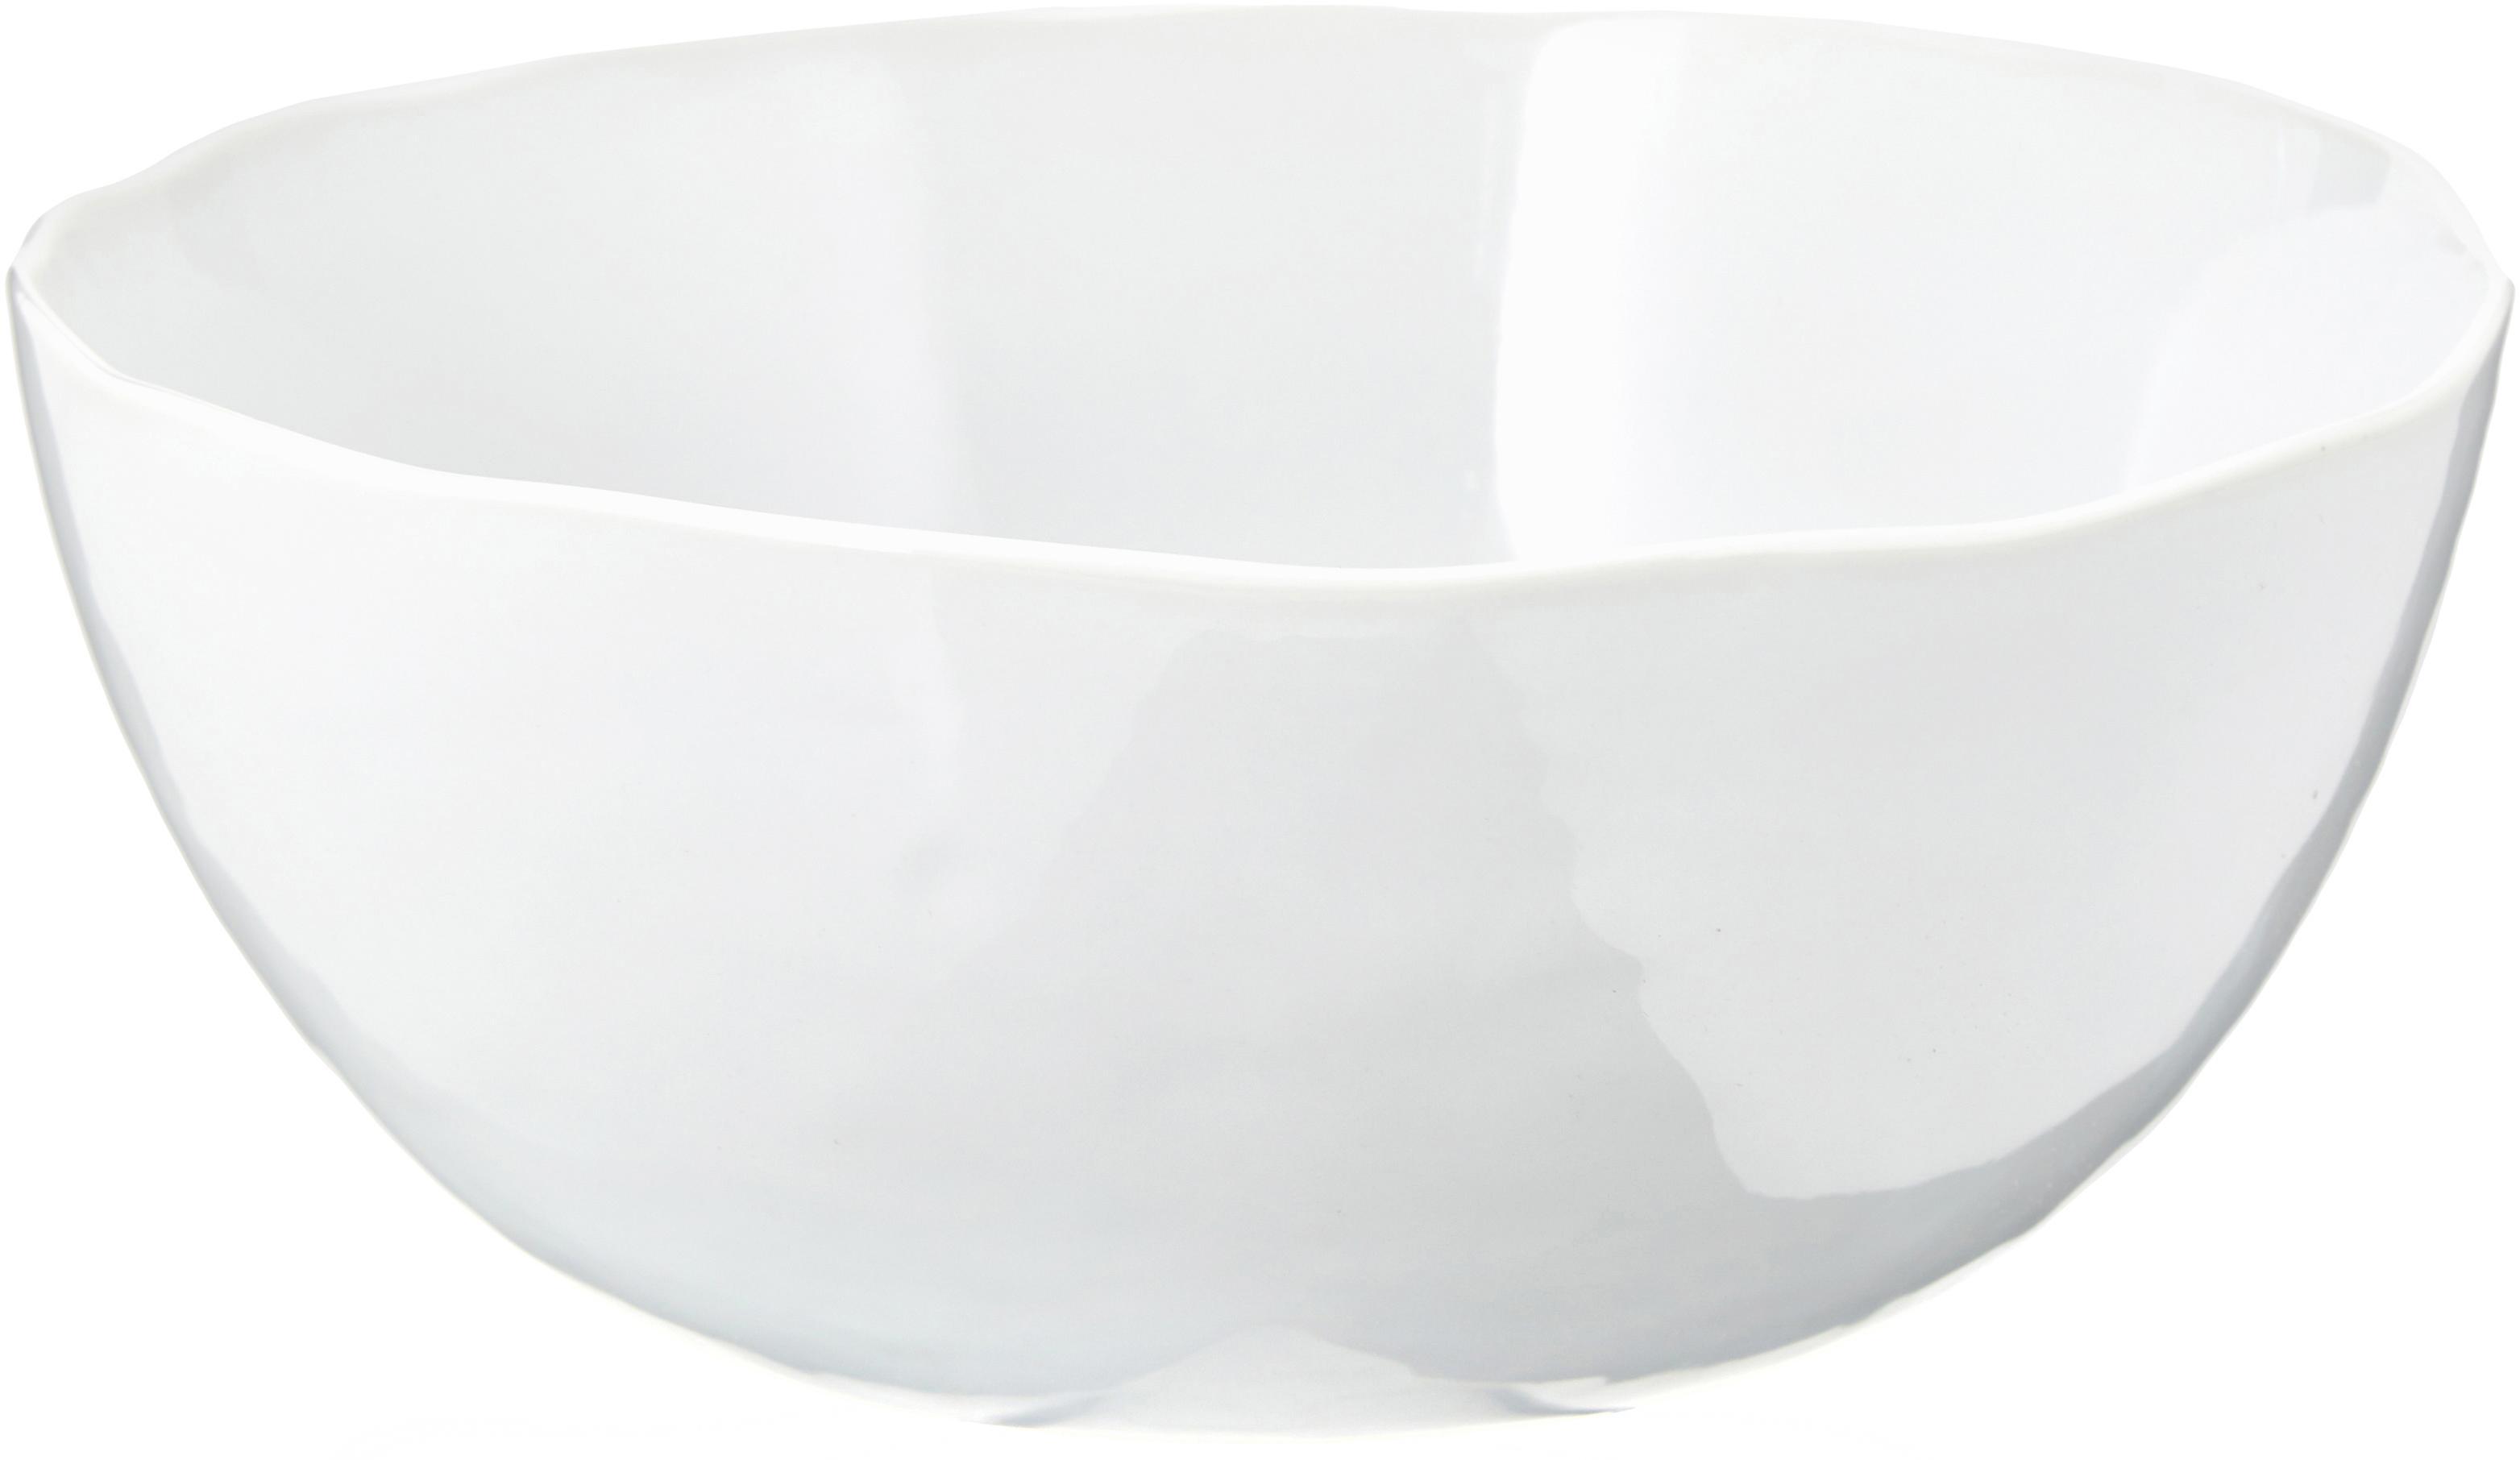 Schüssel Porcelino mit unebener Oberfläche, Porzellan, gewollt ungleichmässig, Weiss, Ø 24 x H 10 cm